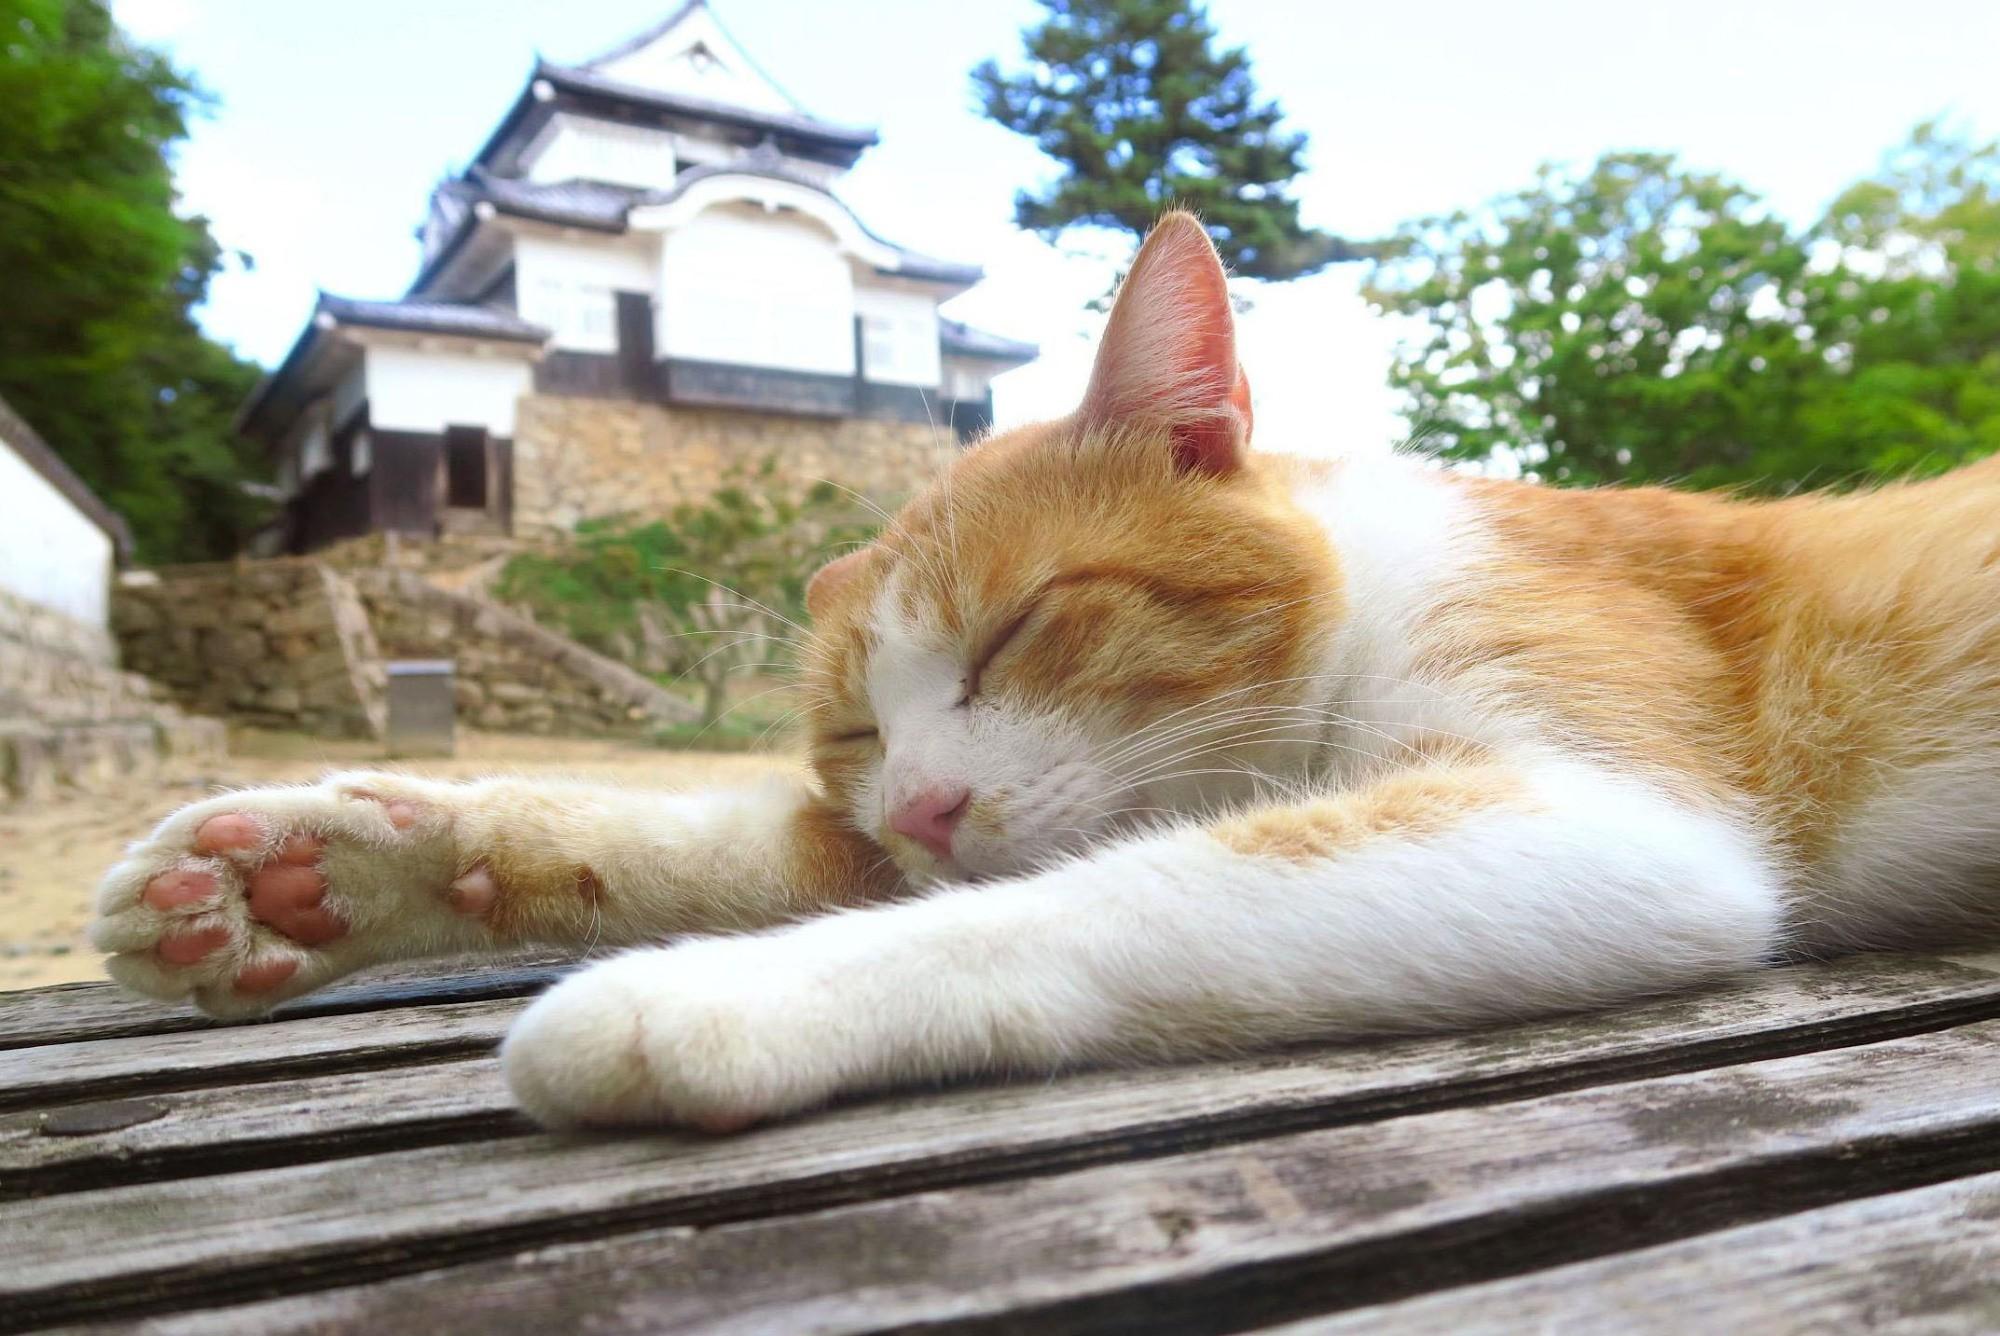 Chú mèo đi lạc được phong làm chúa tể lâu đài cổ ở Nhật Bản, thu hút du khách nườm nượp đến thăm - Ảnh 3.